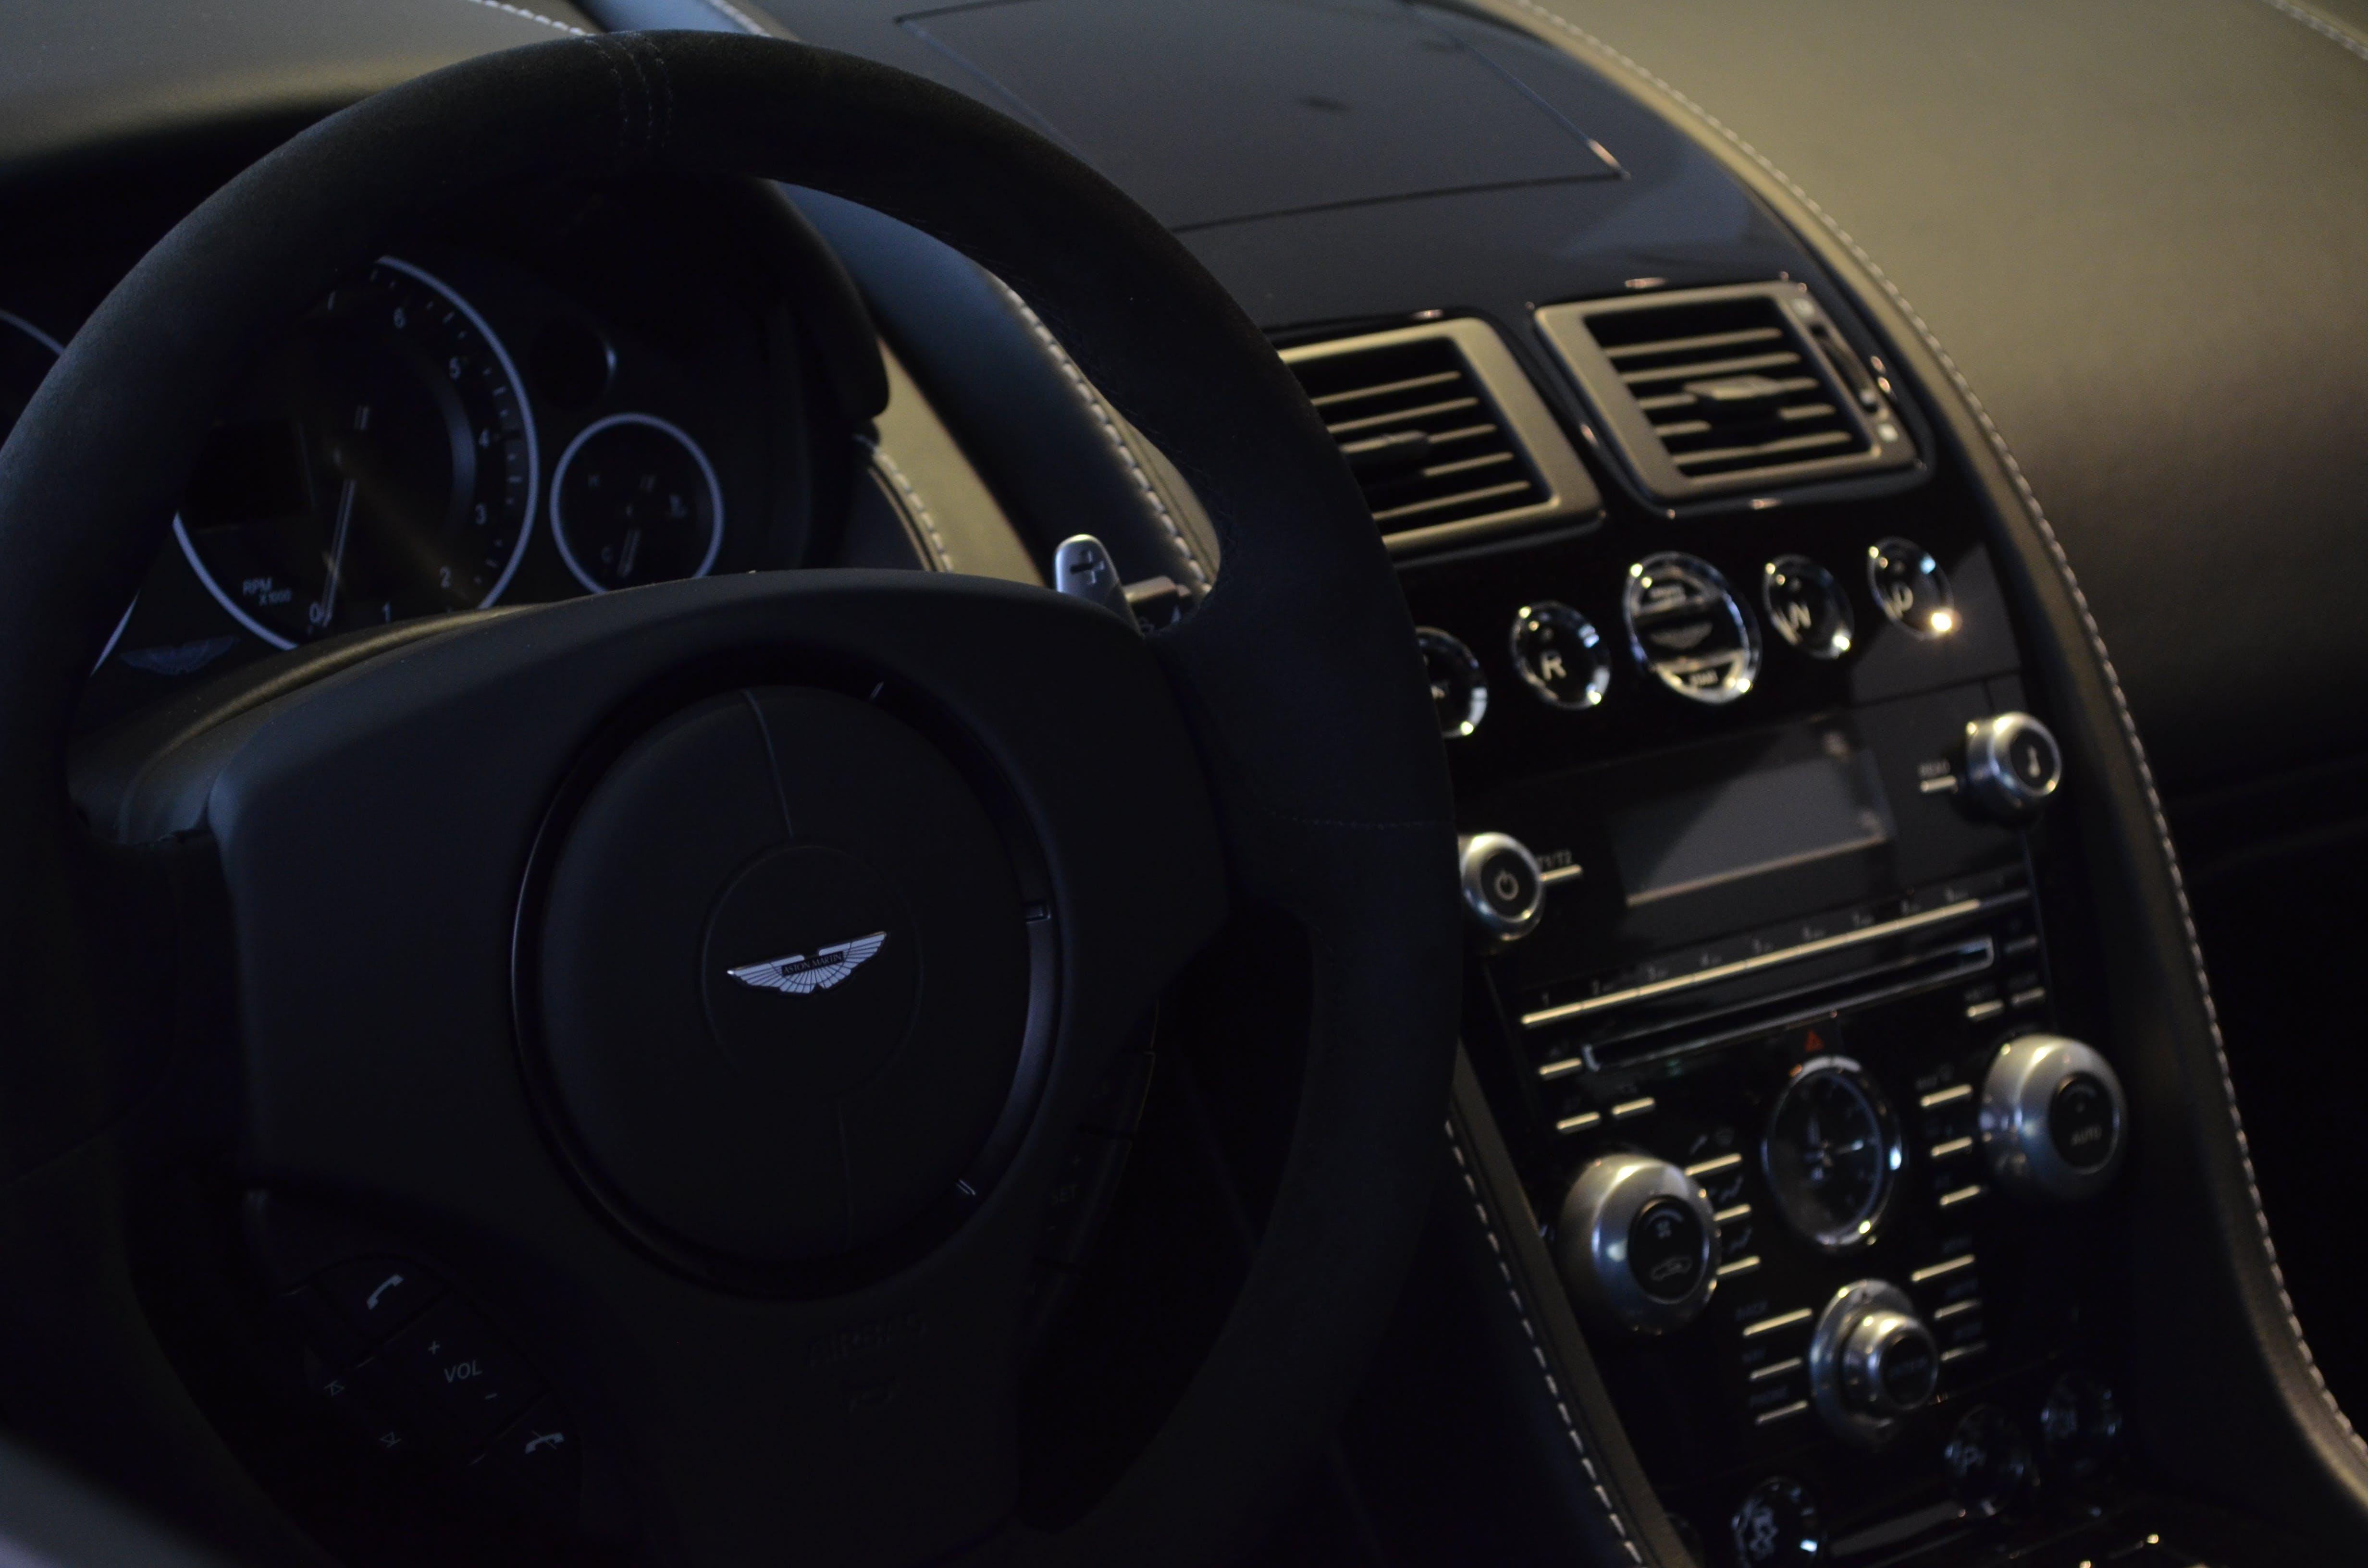 Free stock photo of aston martin, car, interiour